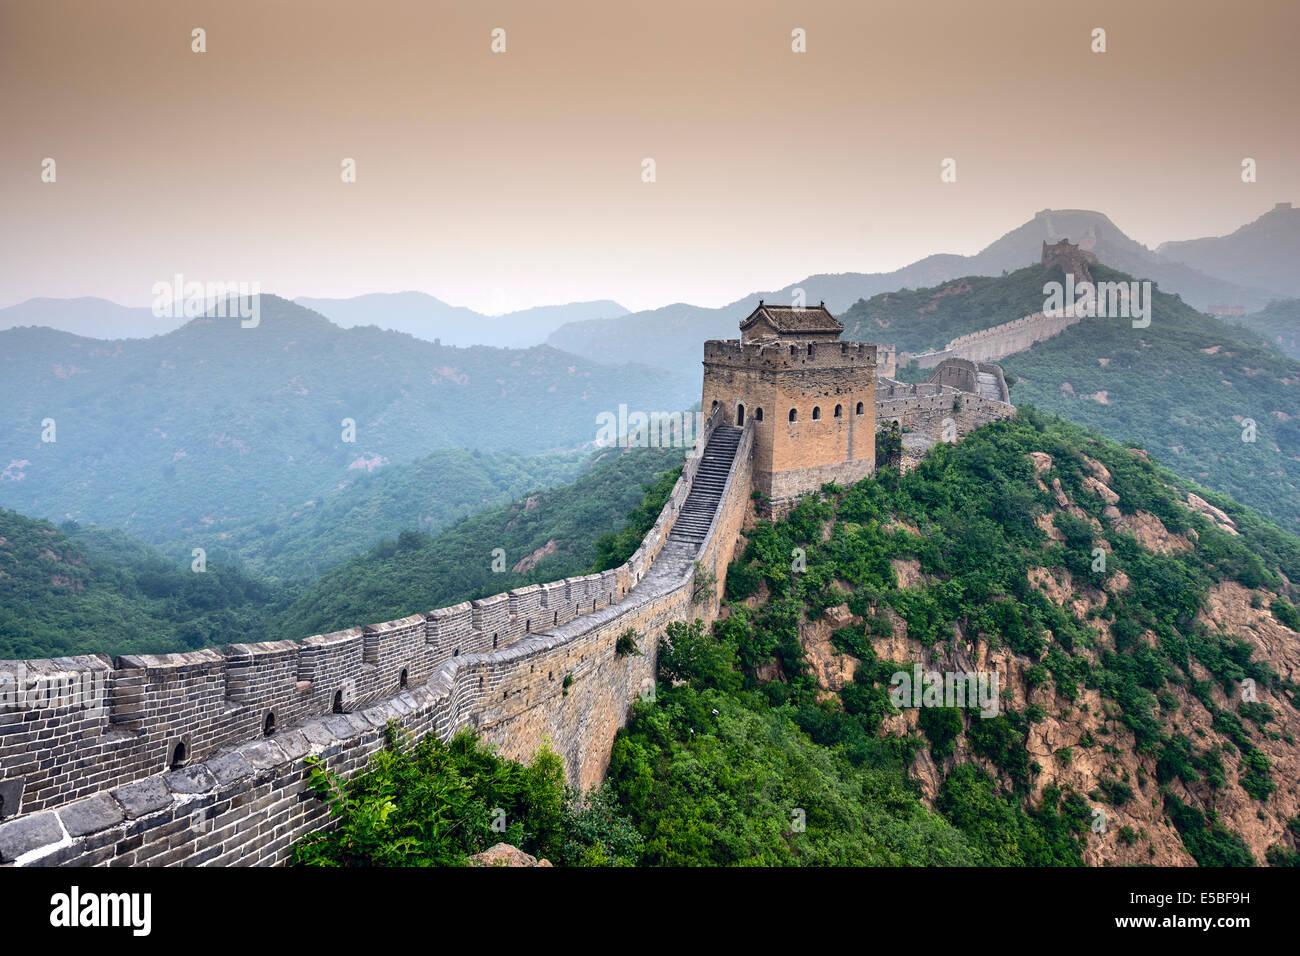 Grande Muraille de Chine. Les sections non réhabilitées à Jinshanling. Photo Stock